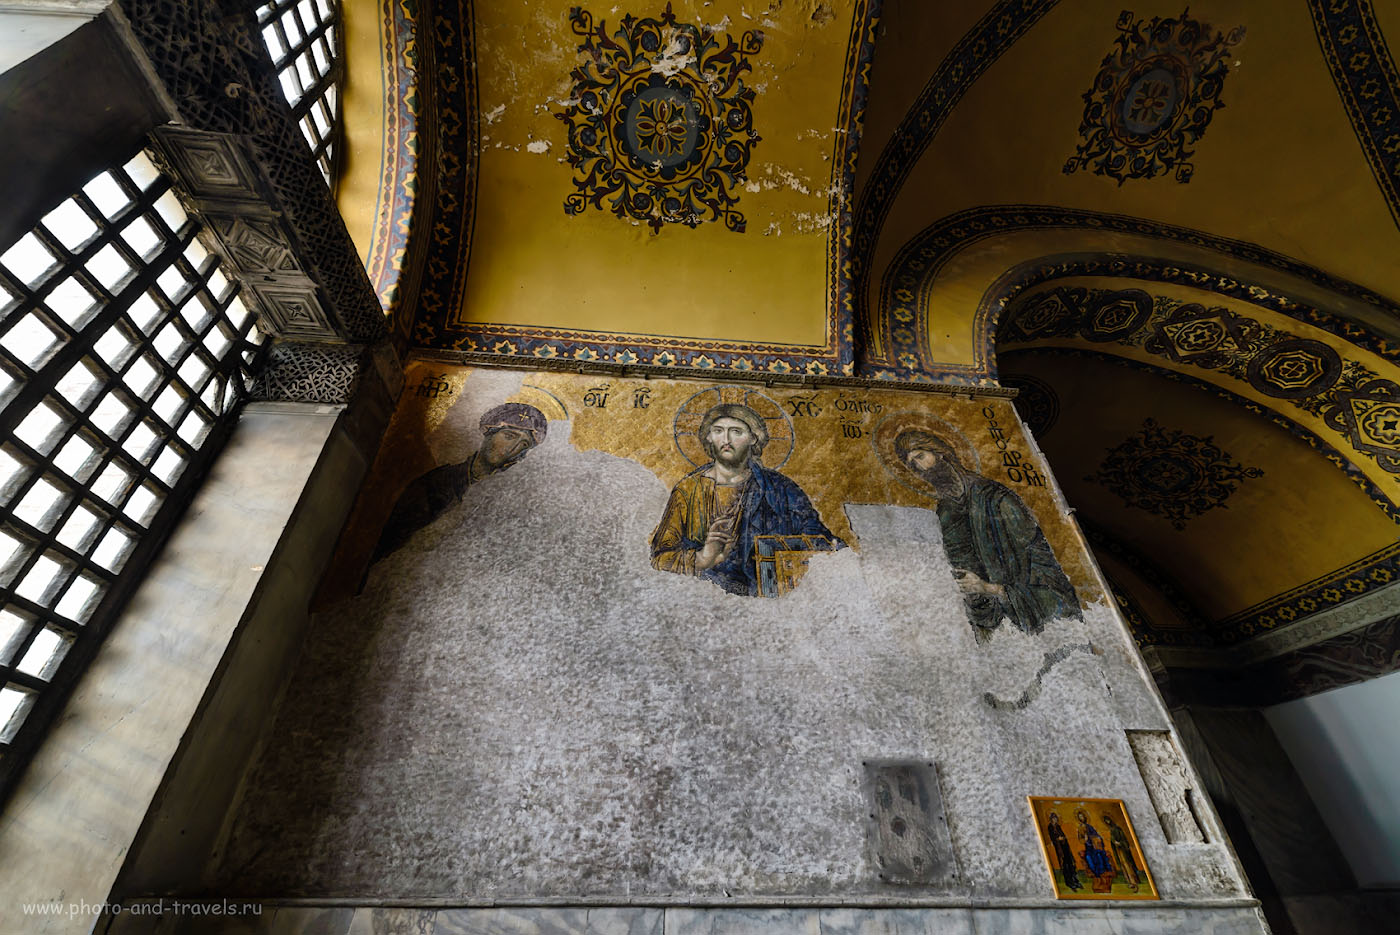 Фото 27. Мозаика «Деисус» (Дева Мария, Иисус и Иоан Предтеча) в Айя-Софии. Что успеть посмотреть в Стамбуле за несколько часов, если будет пересадка в Турции. 1/50, -1.0, 5.6, 640, 14.